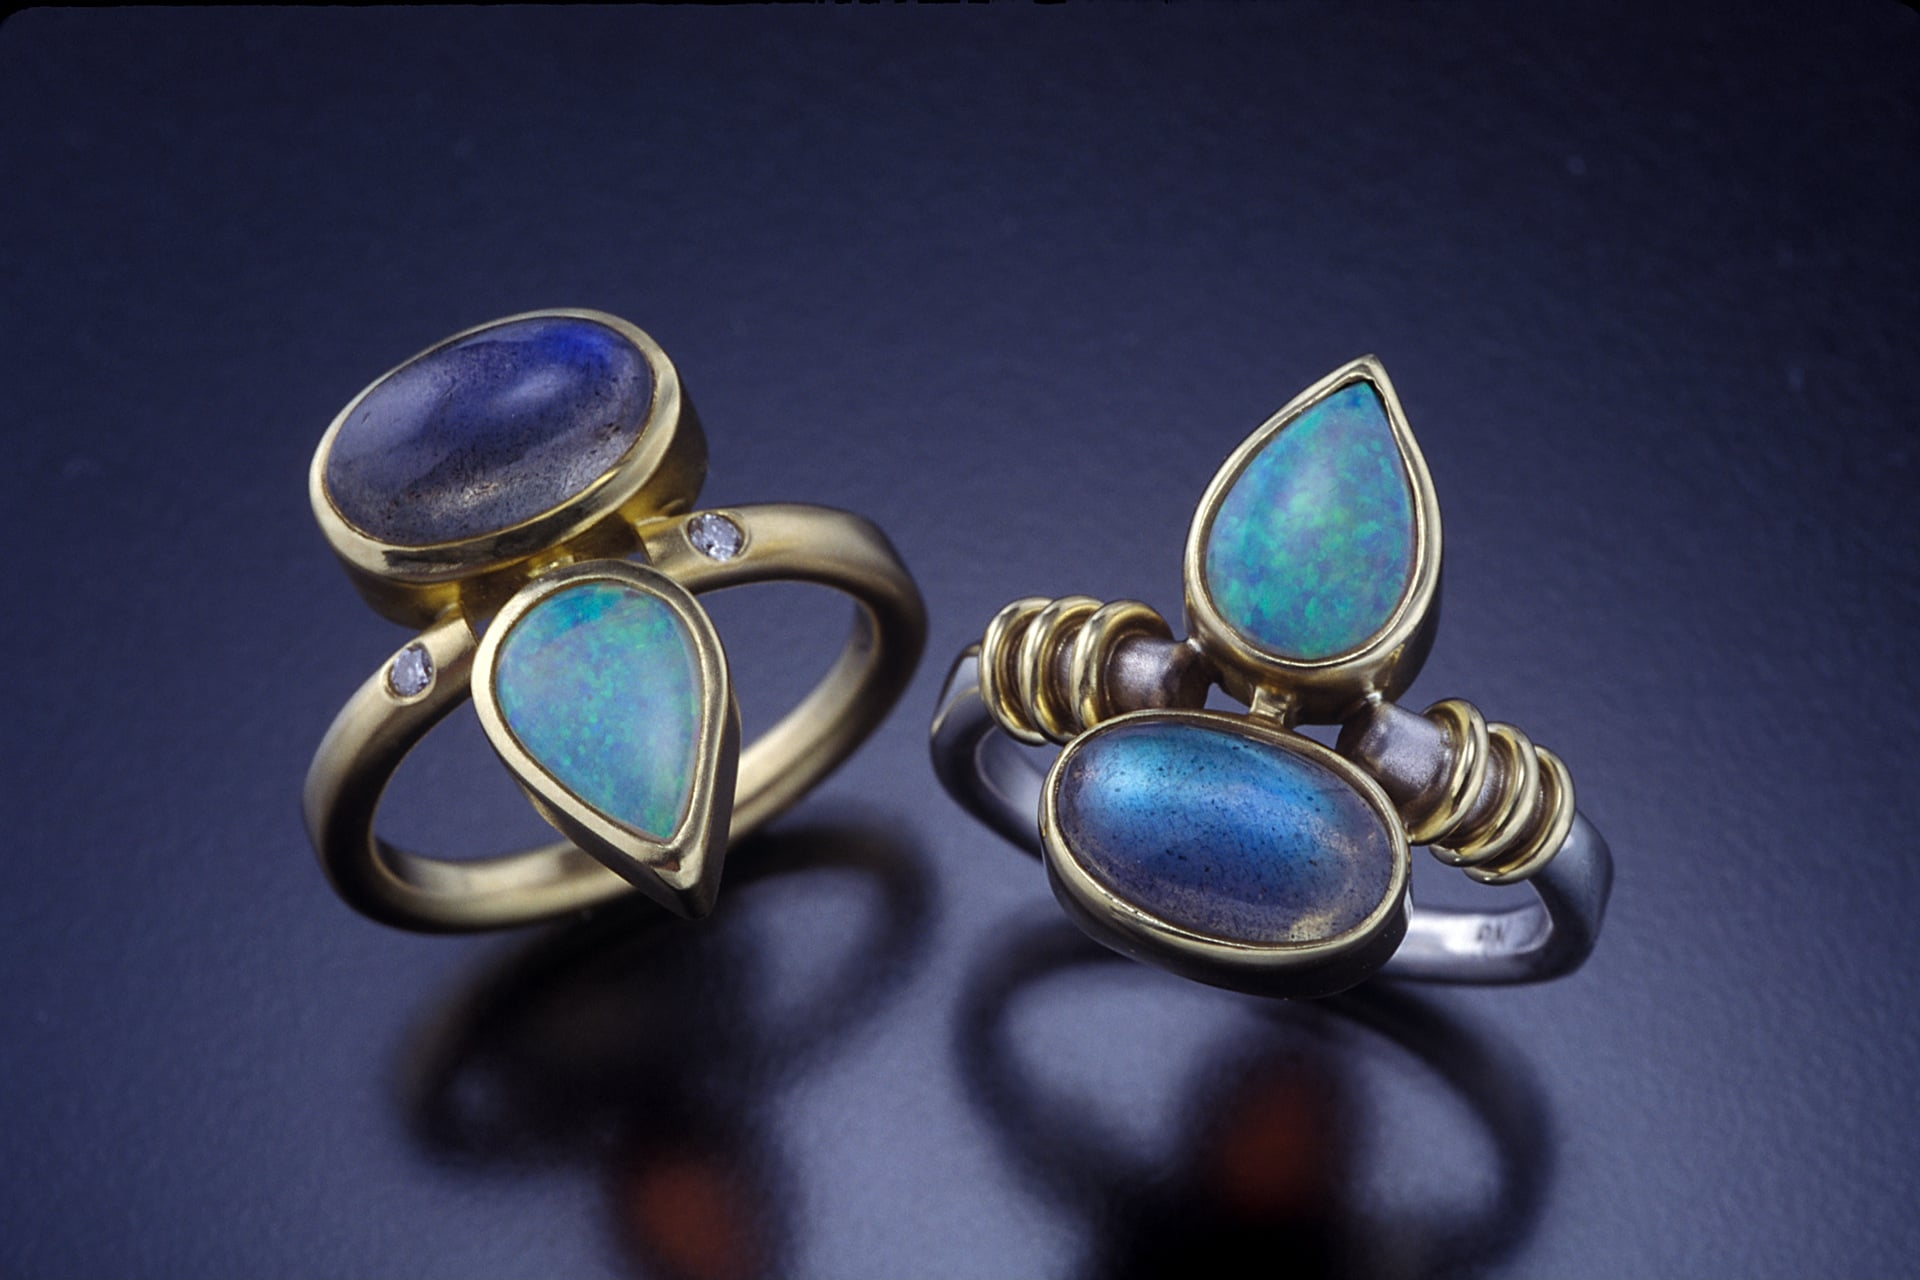 opal moonstone rings.jpg